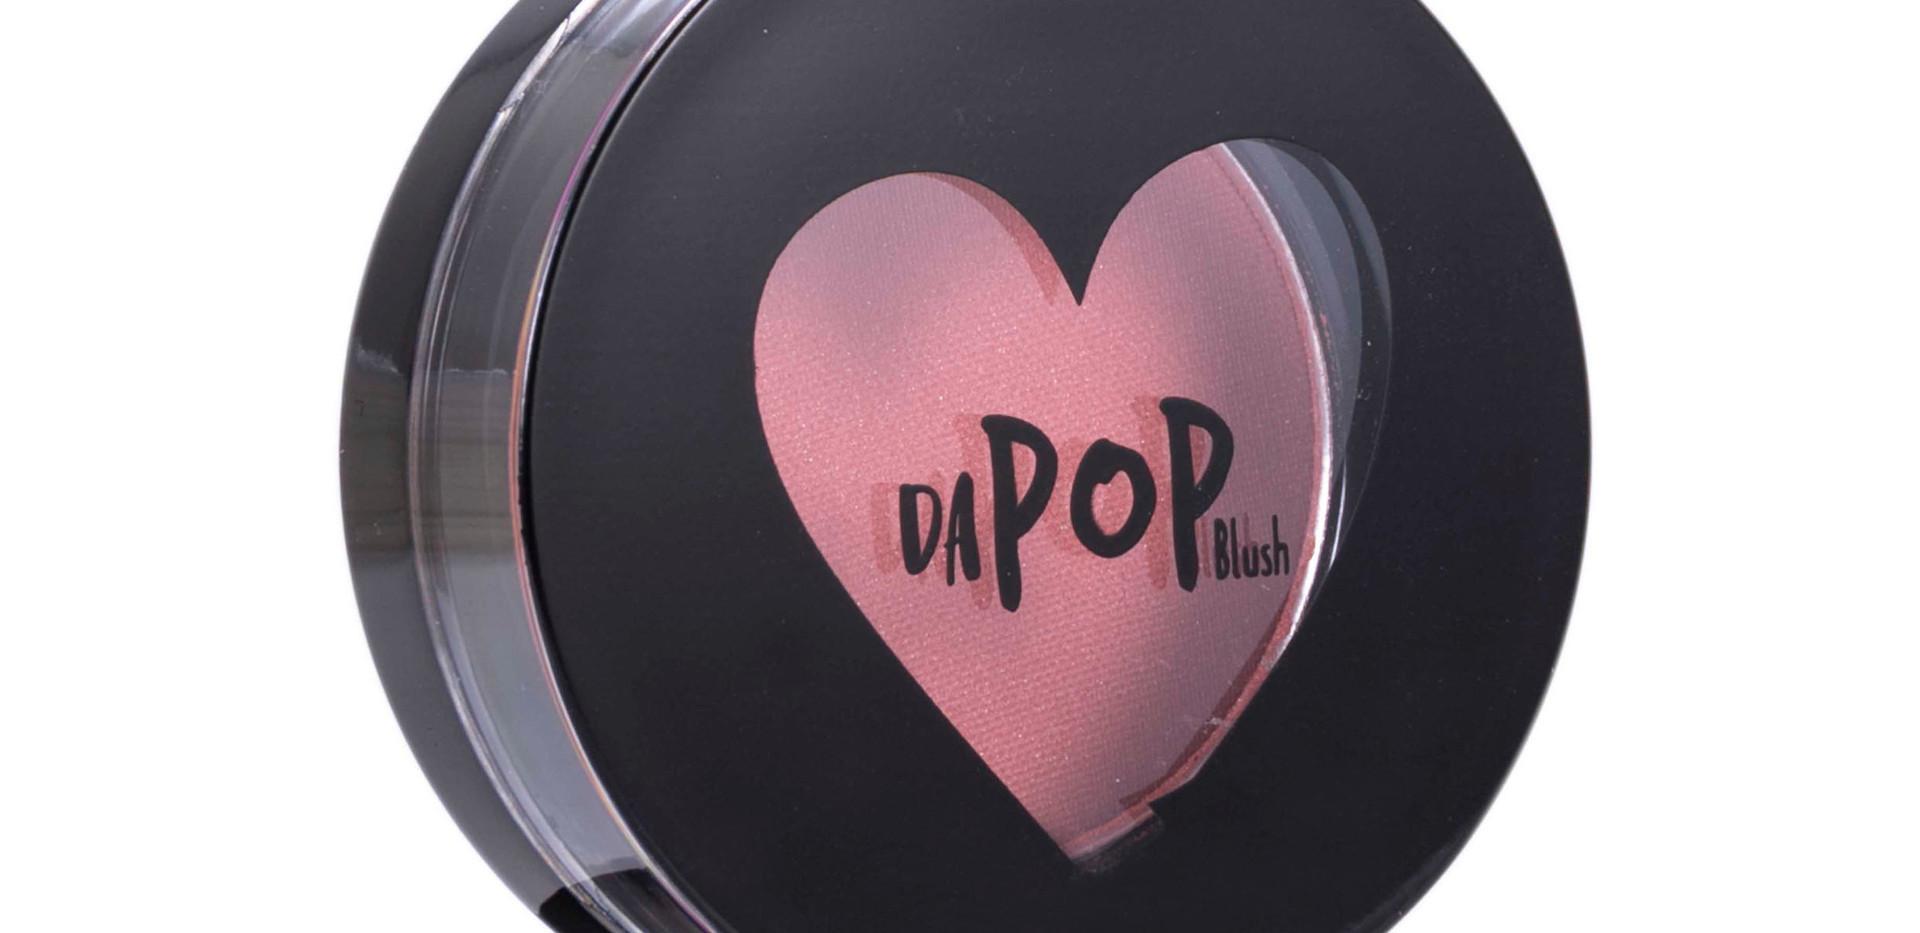 Blush Iluminador Dapop - HB96791